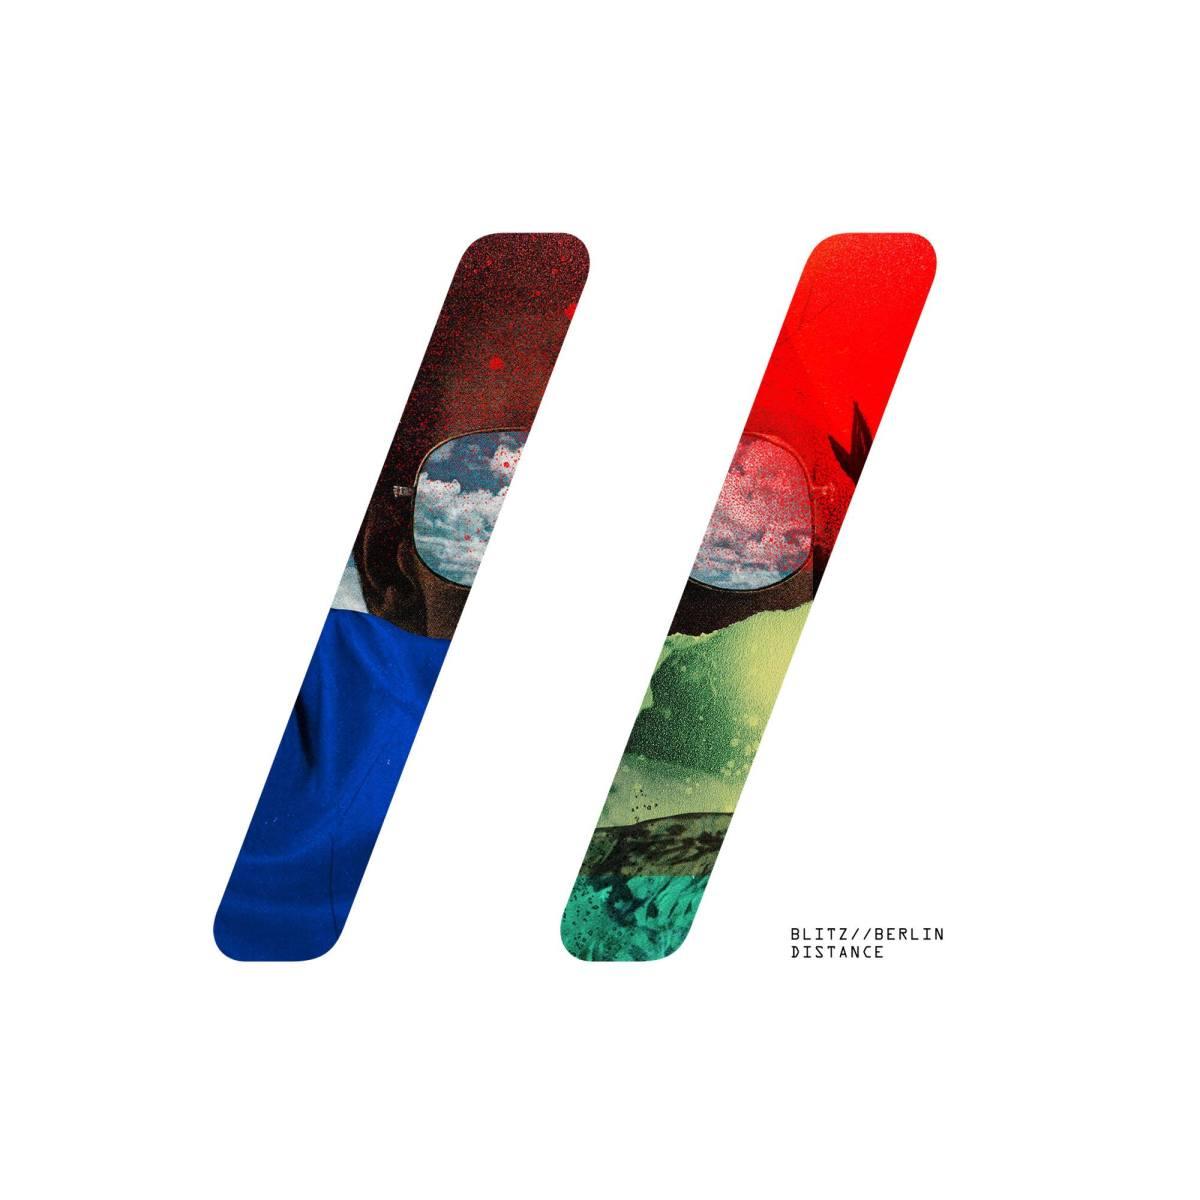 Blitz//Berlin – Distance